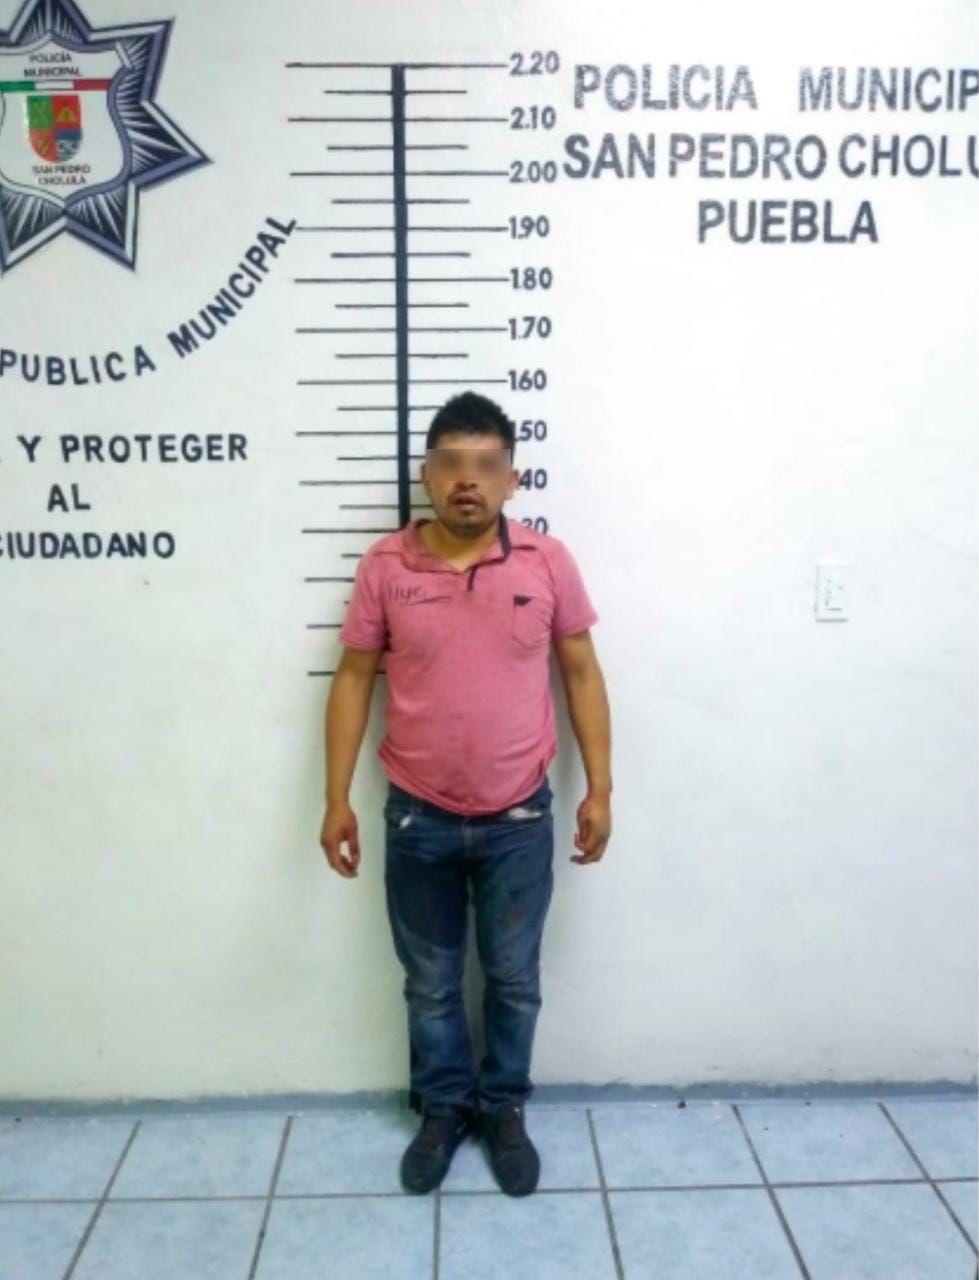 CAPTURA POLICÍA DE SAN PEDRO CHOLULA A PRESUNTO LADRÓN DE CELULAR